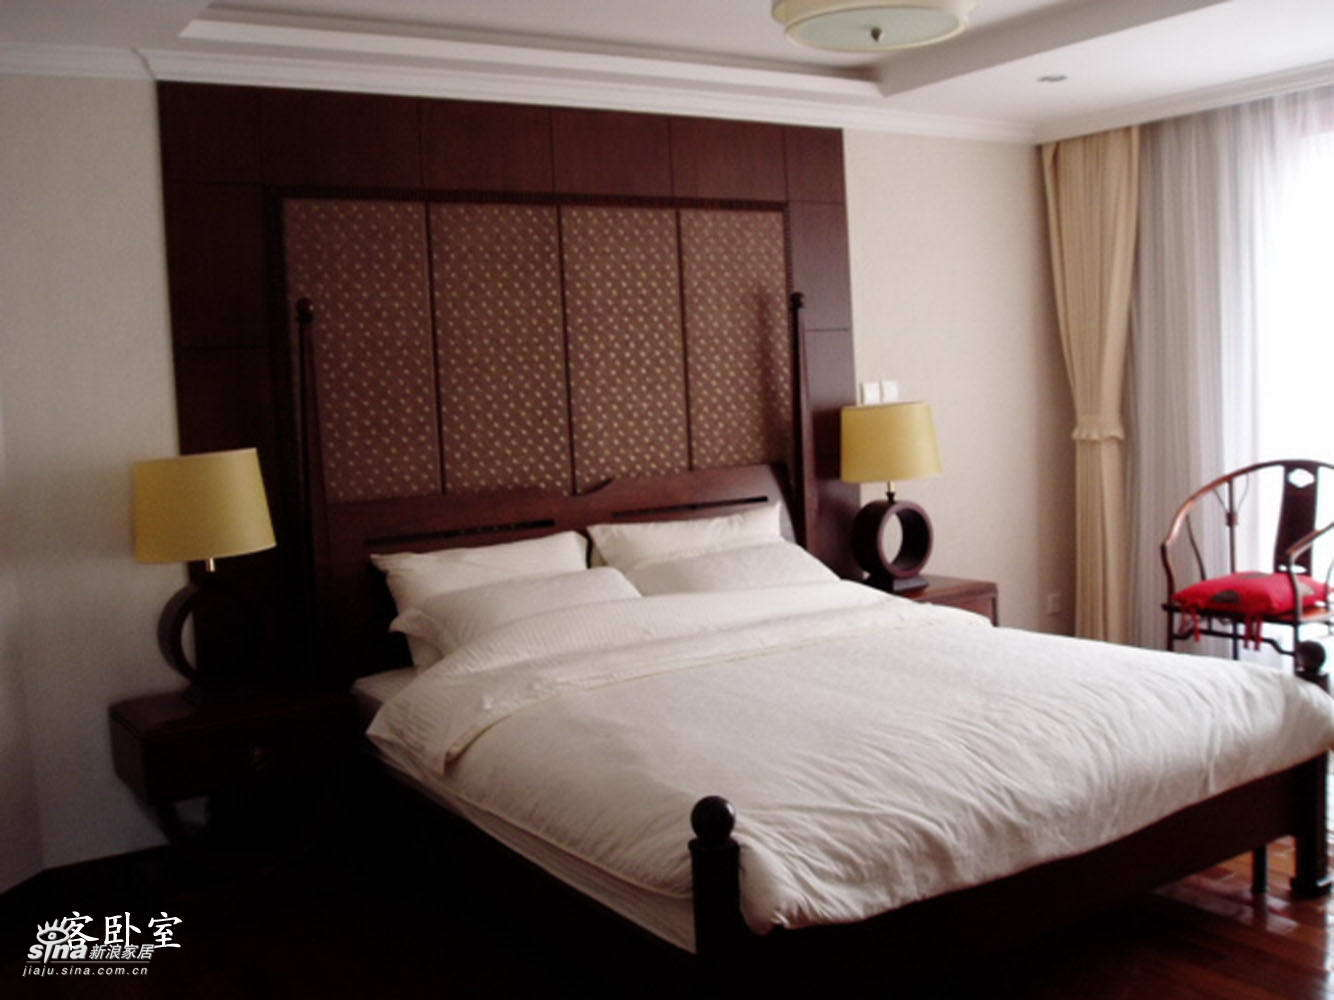 中式 复式 卧室图片来自用户2757926655在冻疑质感37的分享